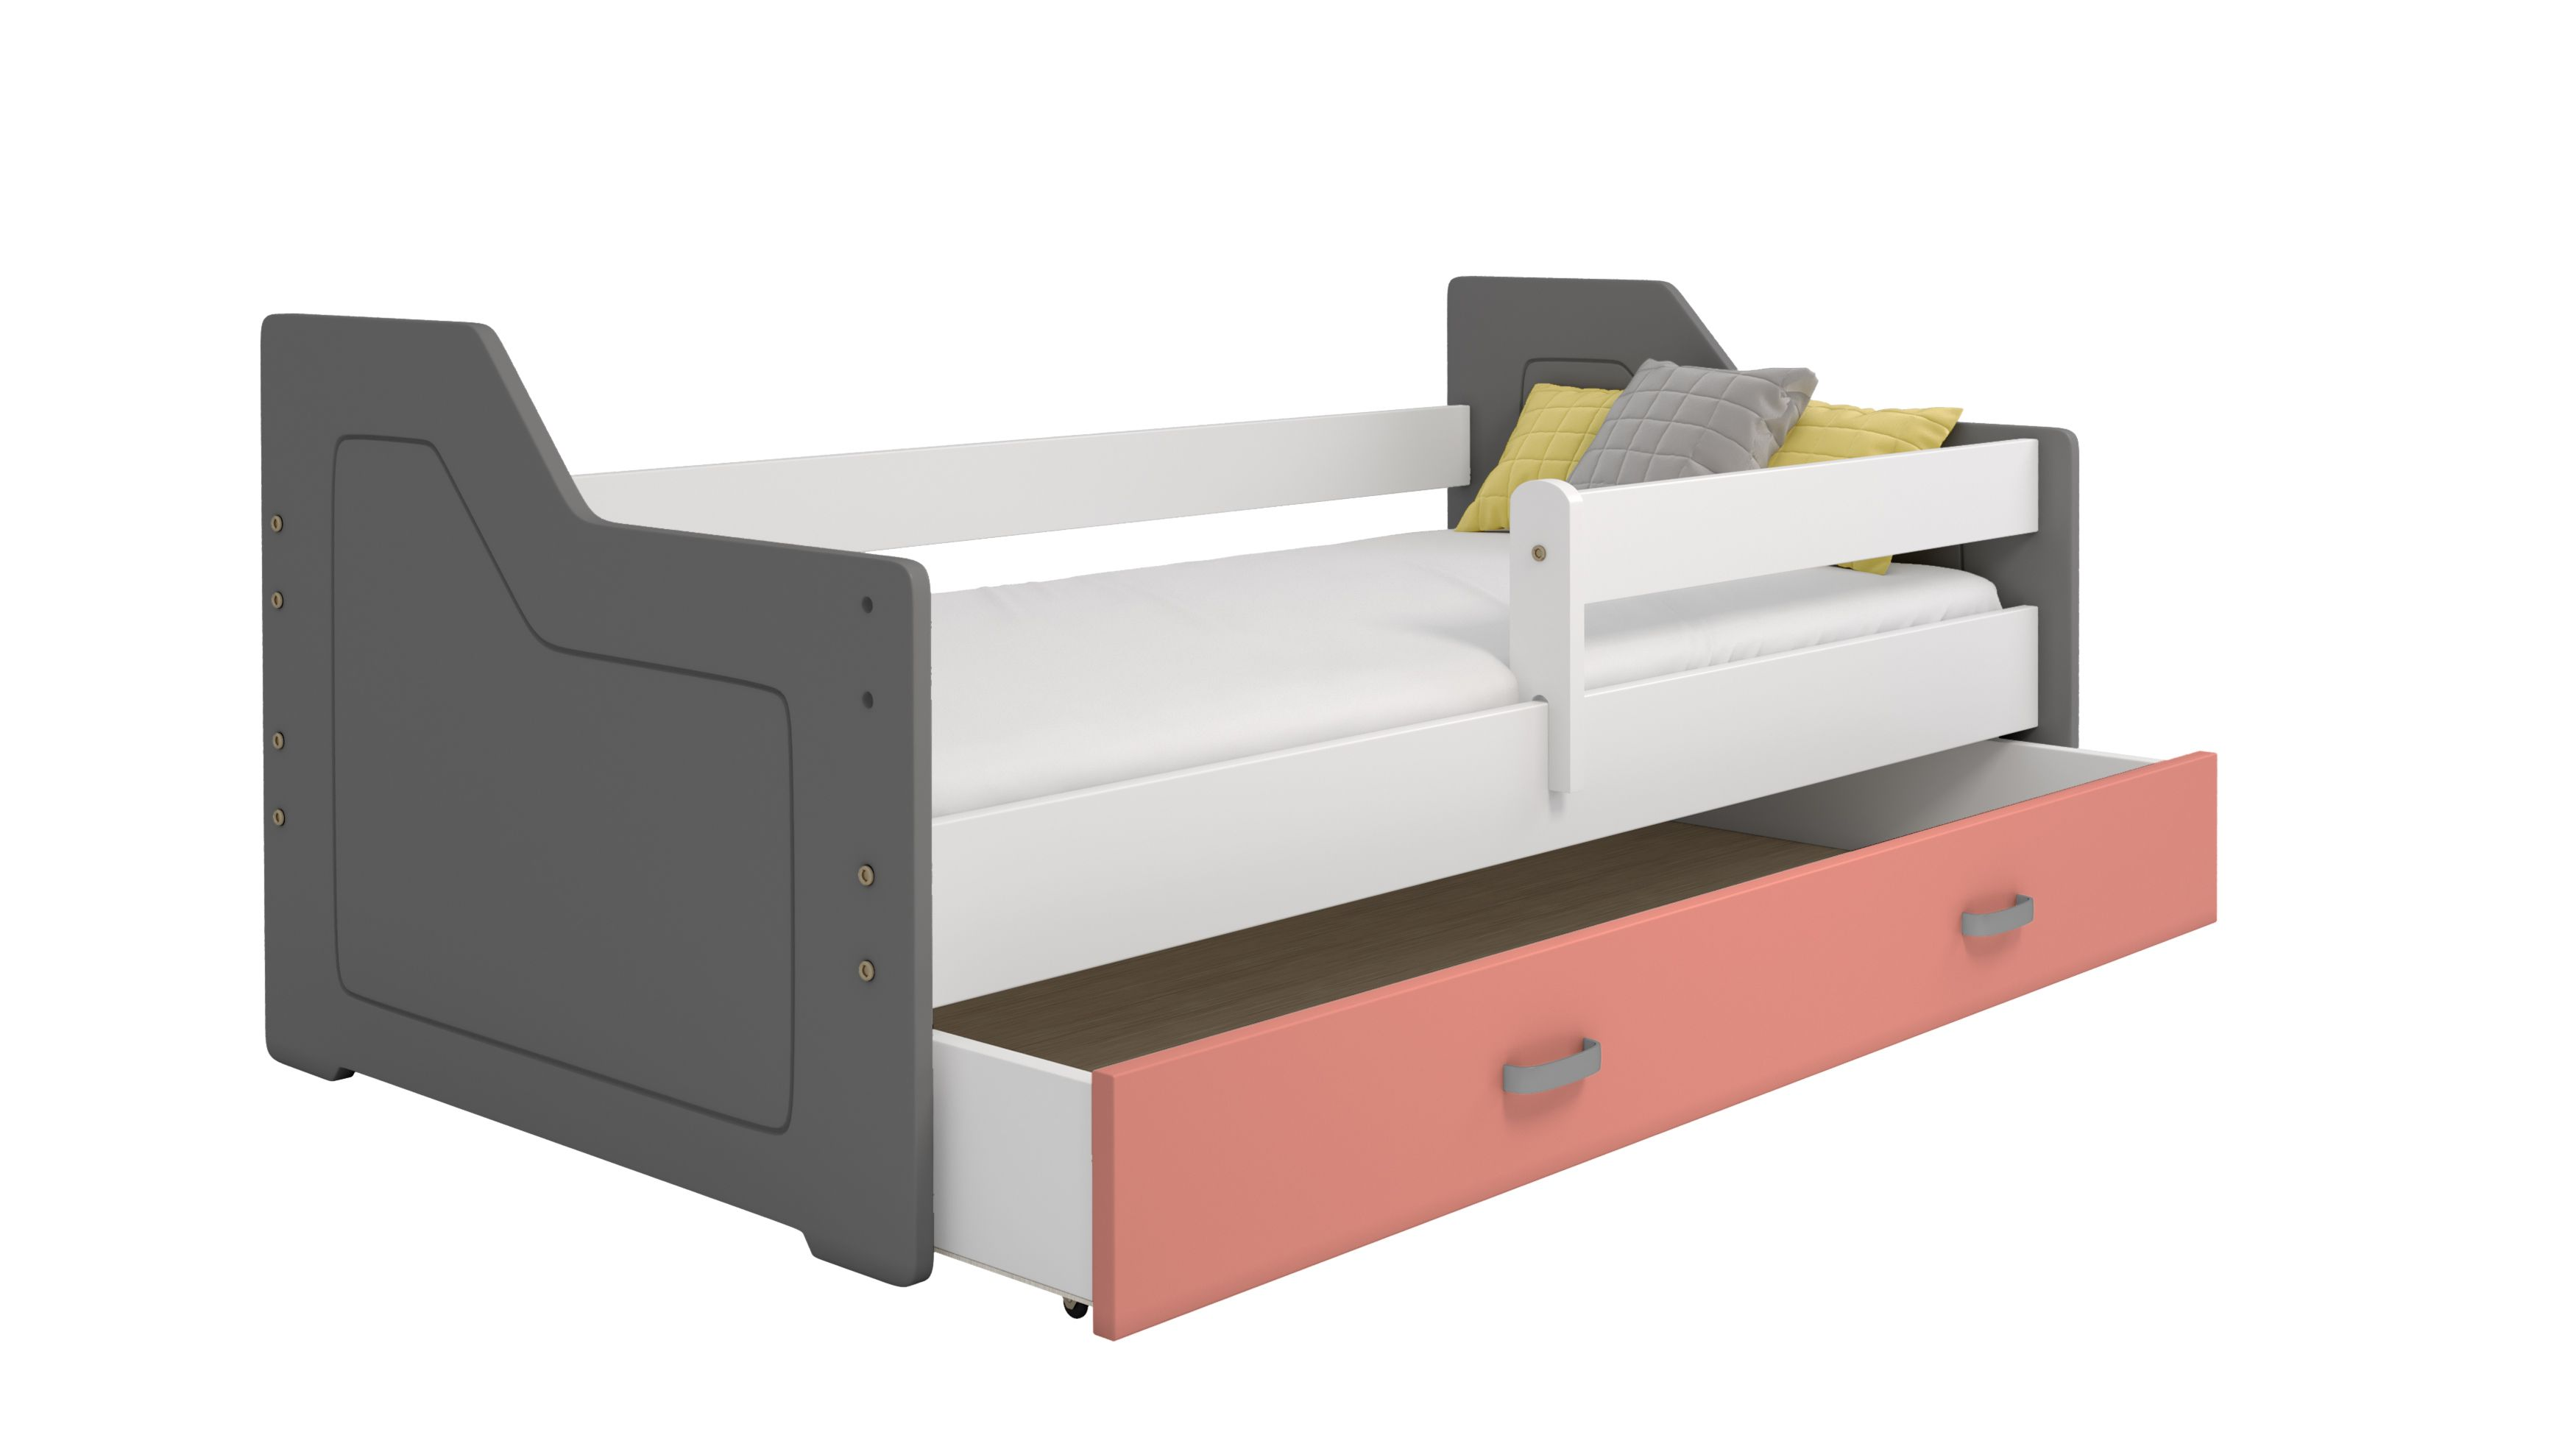 Das Bett Miki B4 160x80 Bietet Vollkommene Entspannung Und Komfort Bett Jugendbett Kinderbett Kinderbett Kleinkinderbett Und Bett Ideen